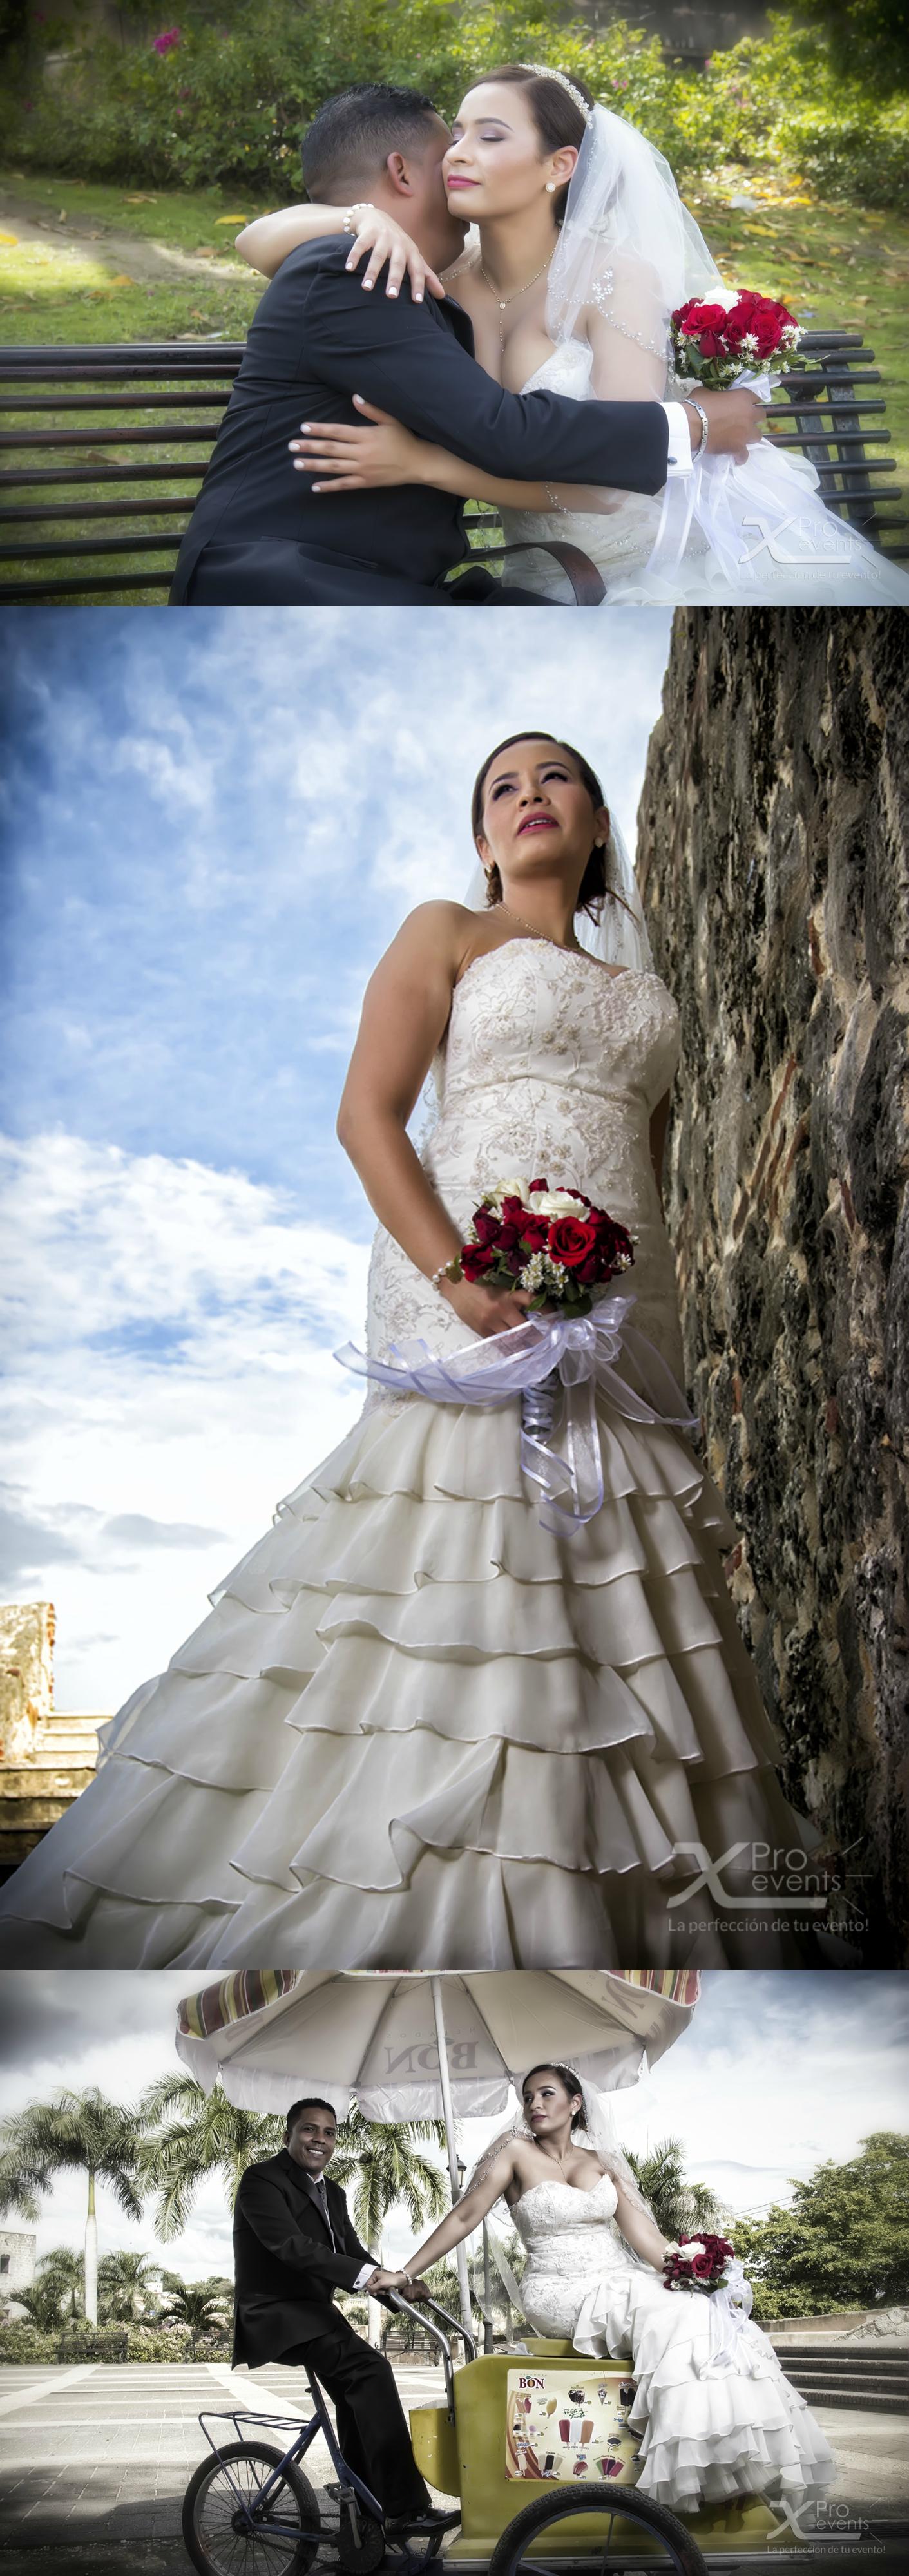 www.Xproevents.com - Sesion fotografica de boda Robinson & Nelly